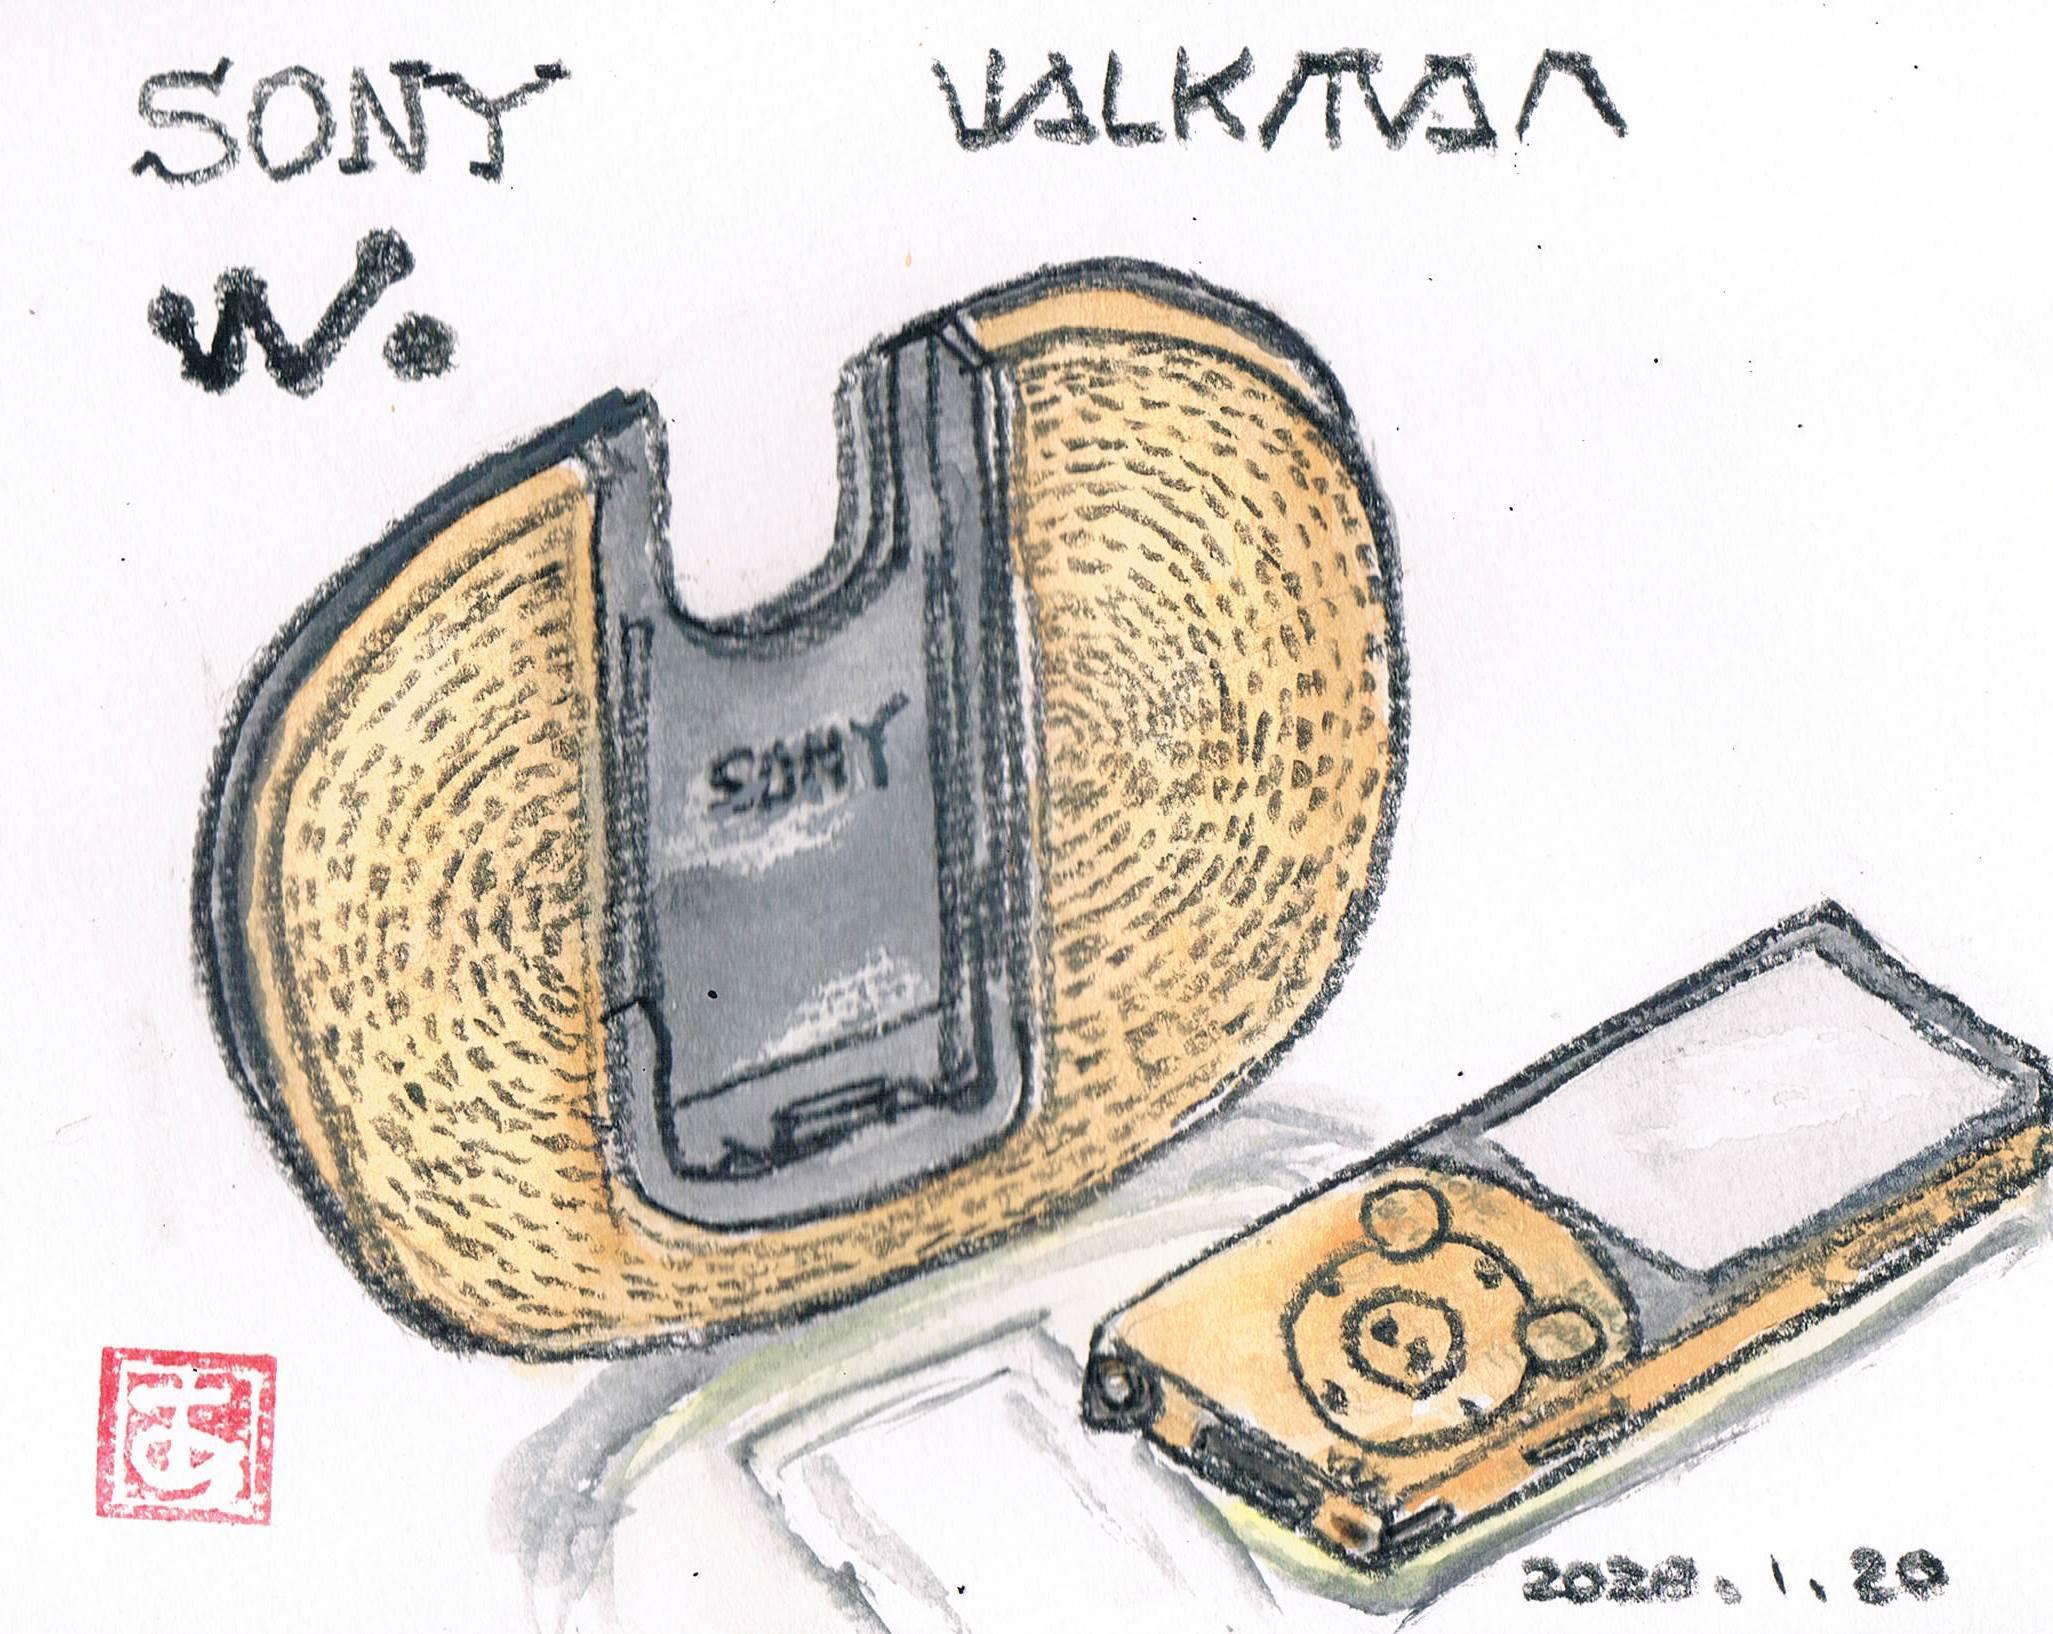 ソニーのウォークマン_e0232277_13313929.jpg